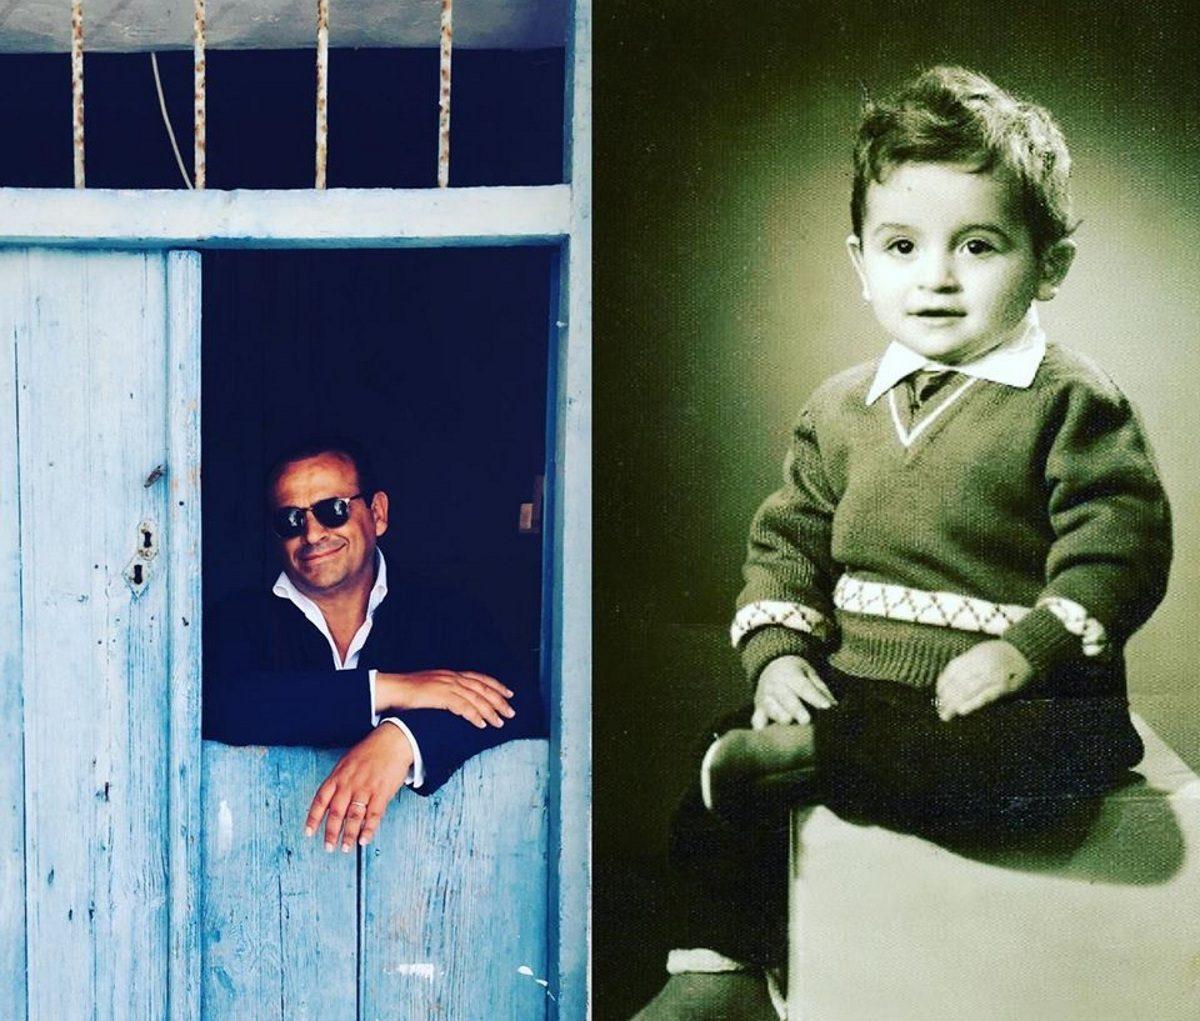 Βασίλης Ζούλιας: Έχει γενέθλια και θυμάται τα παιδικά του χρόνια! «57, ποιος το περίμενε ότι θα έφθανα τόσο μακριά»! | tlife.gr